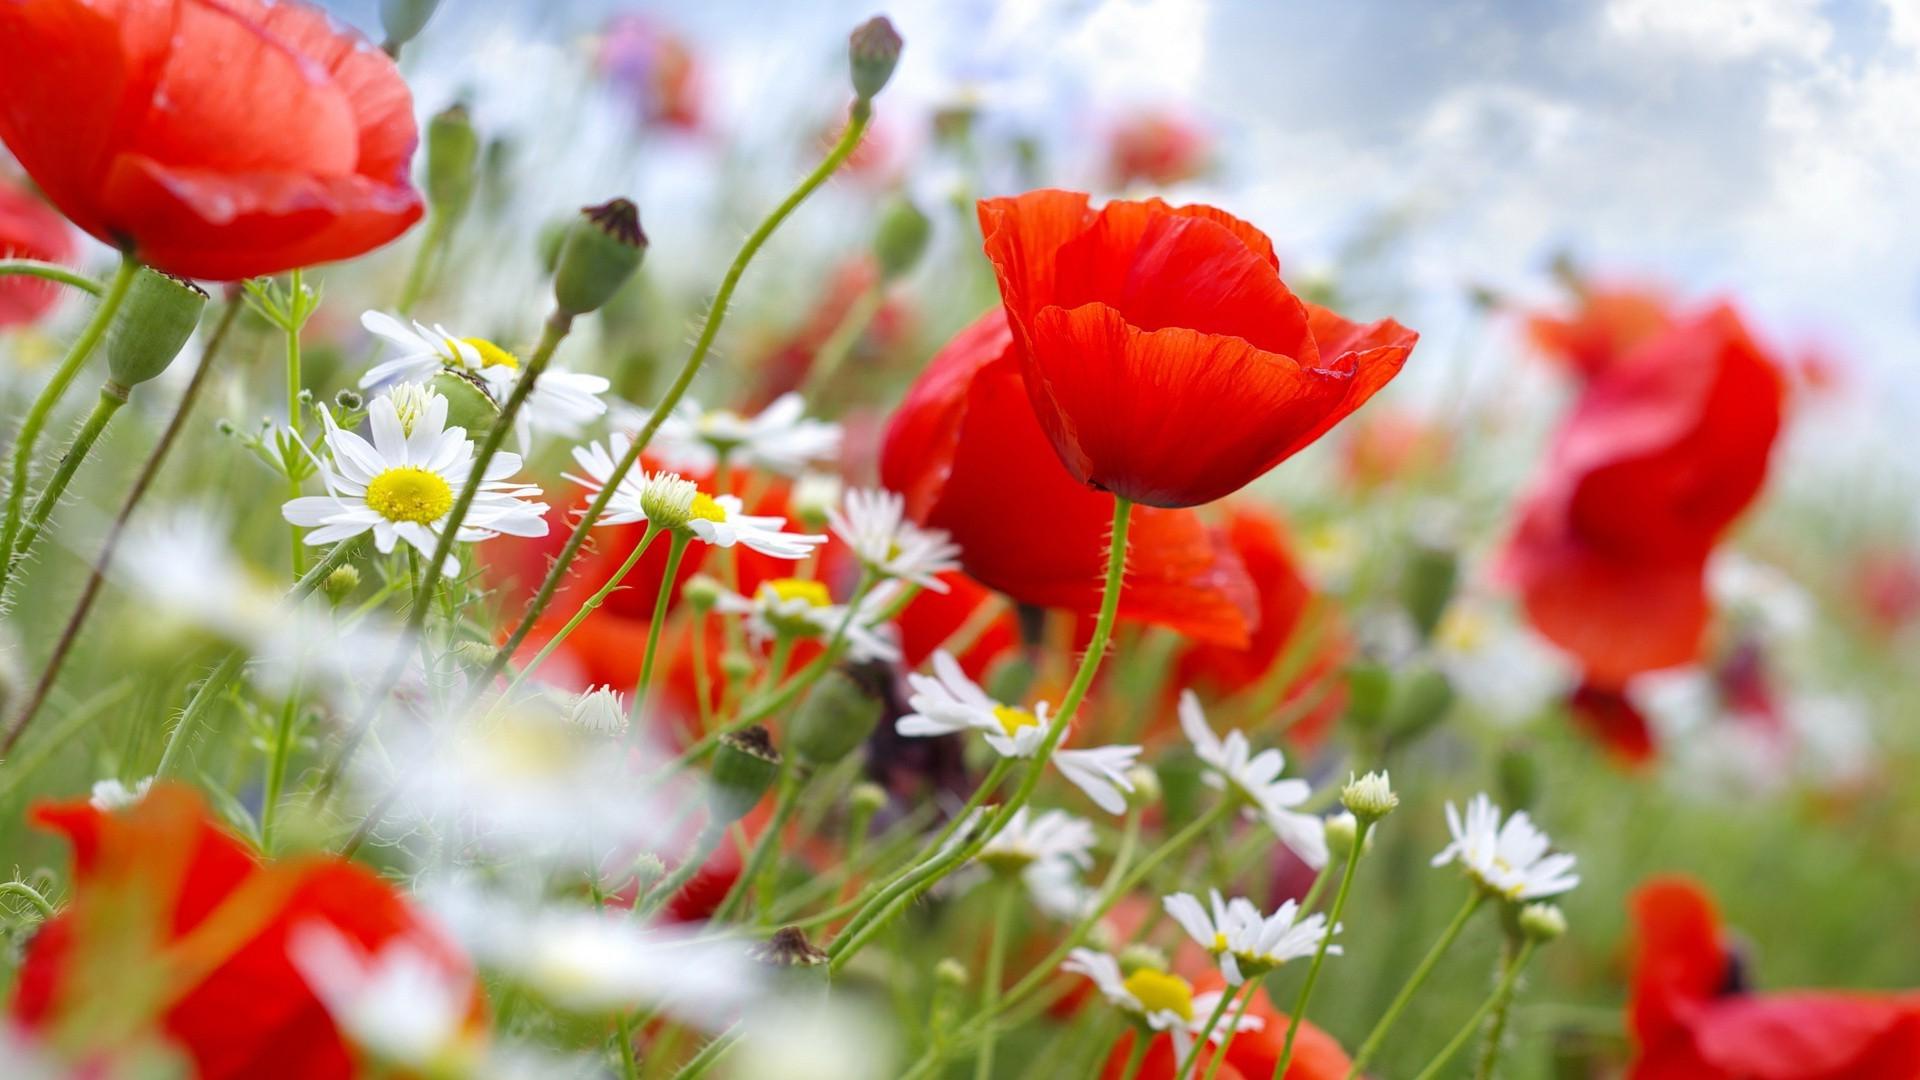 красивые широкоформатные обои на рабочий стол высокого качества цветы № 230360  скачать